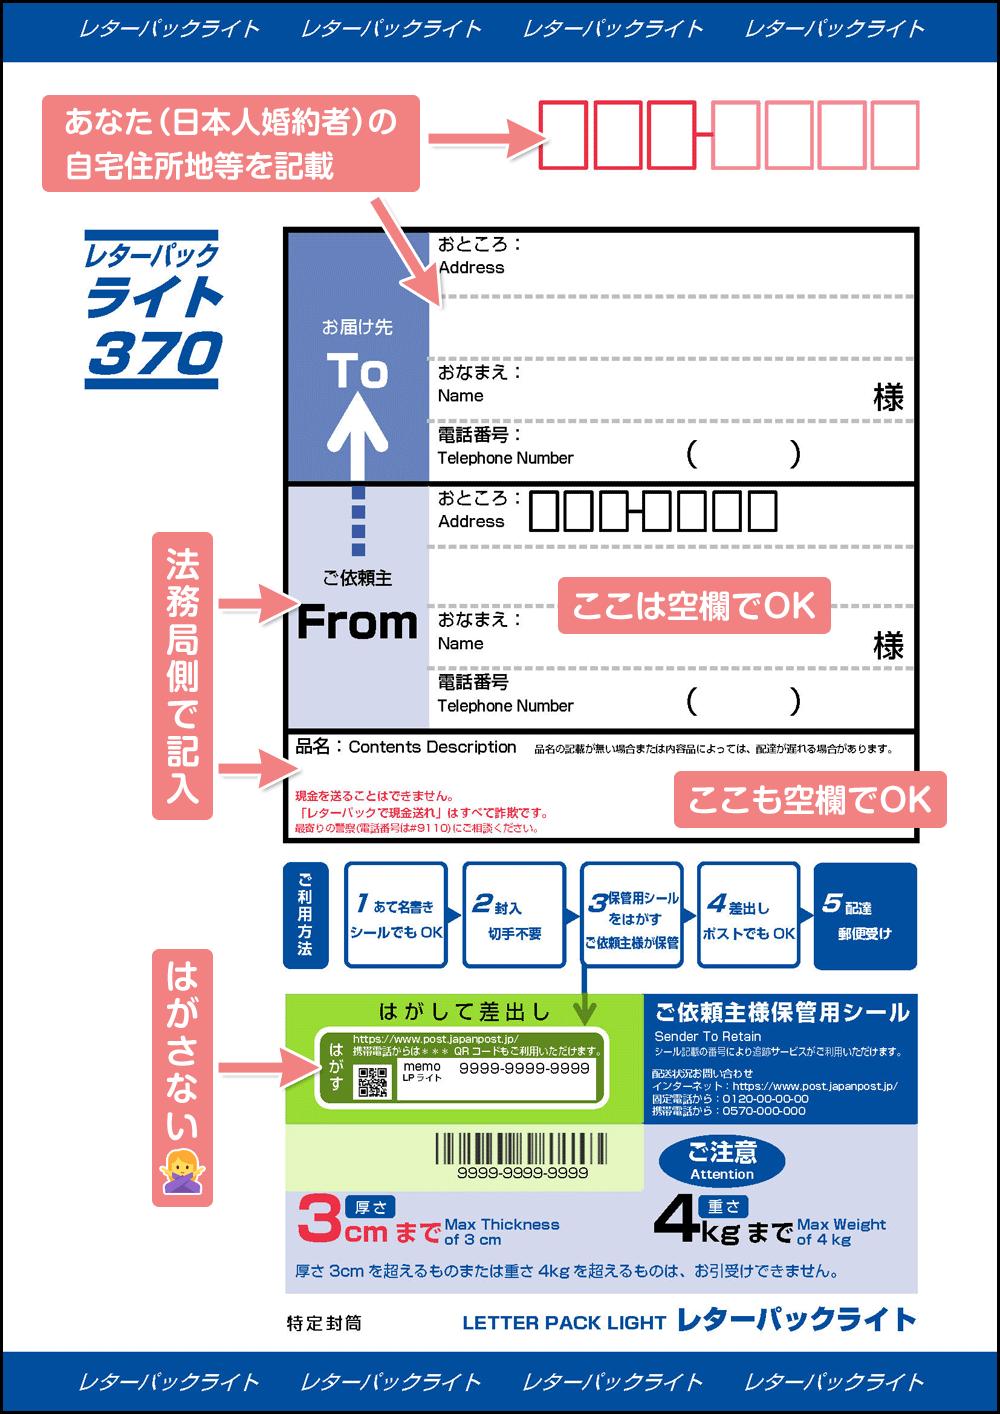 返信用レターパックの書き方_公証人押印証明